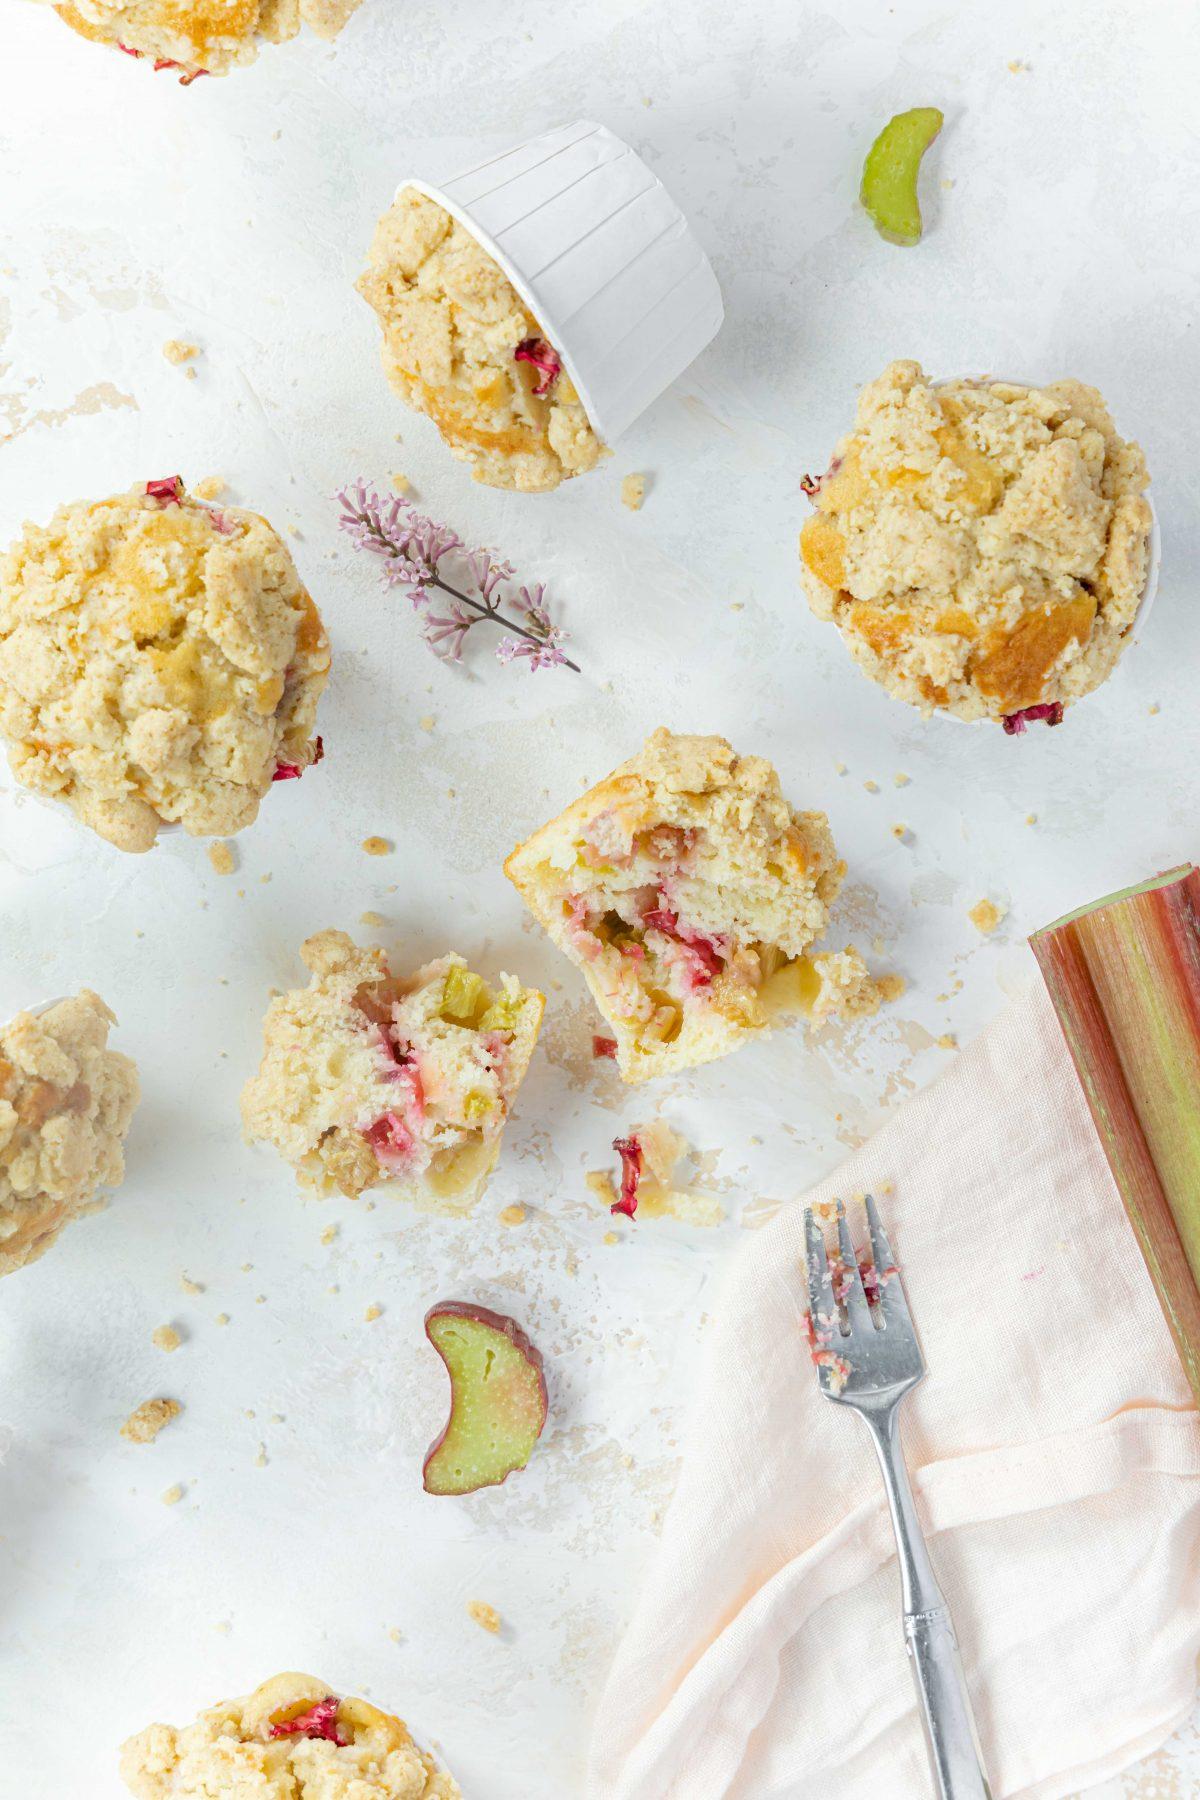 Rhabarber Muffins mit Streuseln // Rhubarb crumble Muffins by https://babyrockmyday.com/rhabarber-muffins-mit-streuseln/